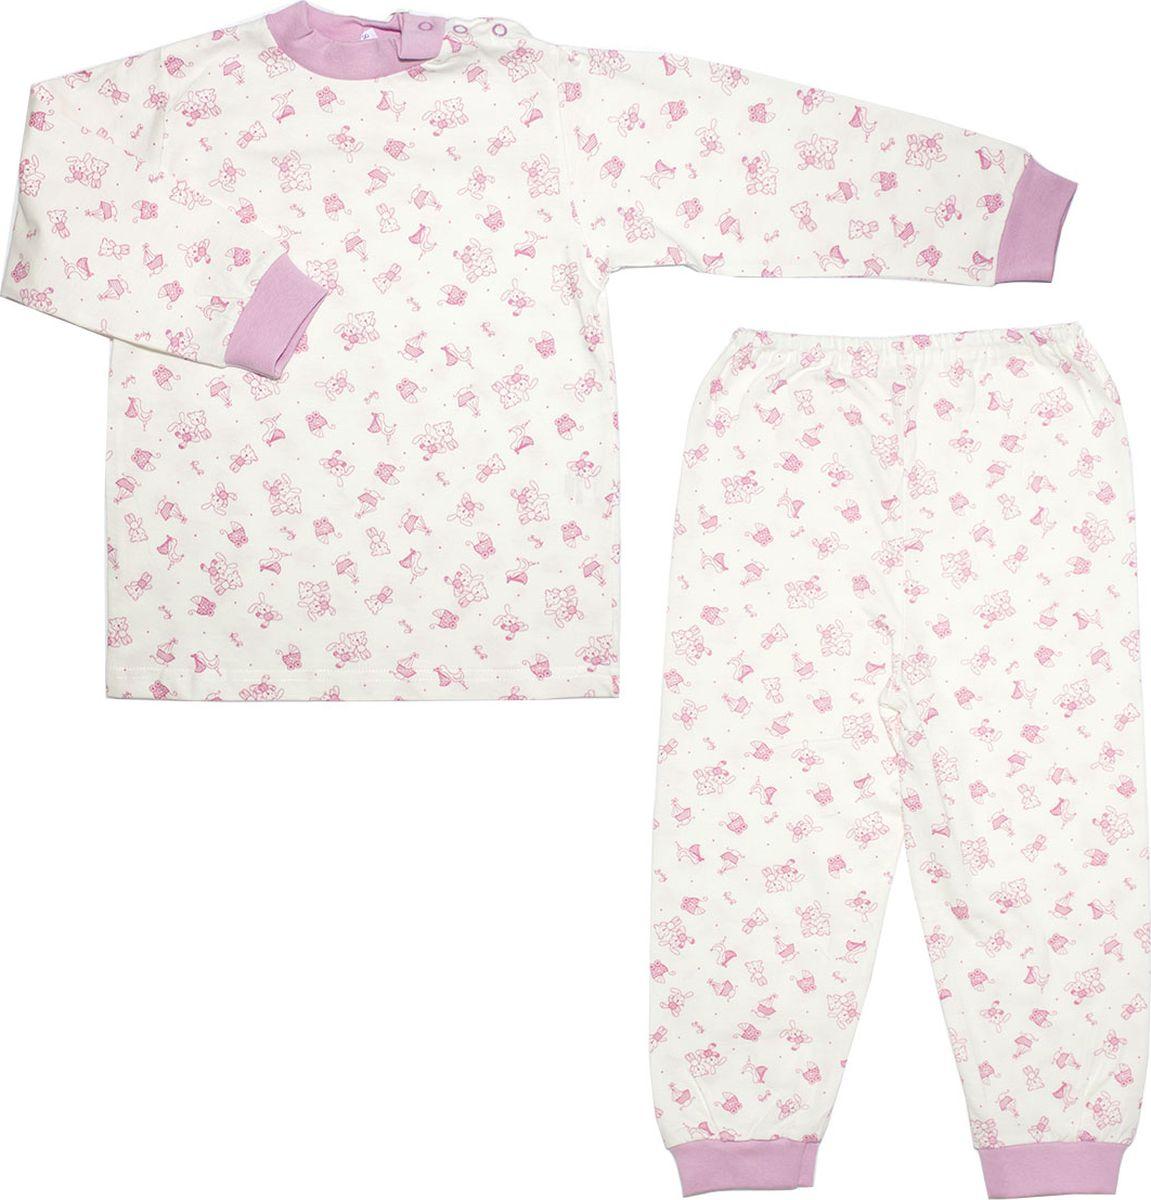 Пижама для девочки Осьминожка, цвет: молочный, розовый. 116-20. Размер 116 dress 92 116 cm